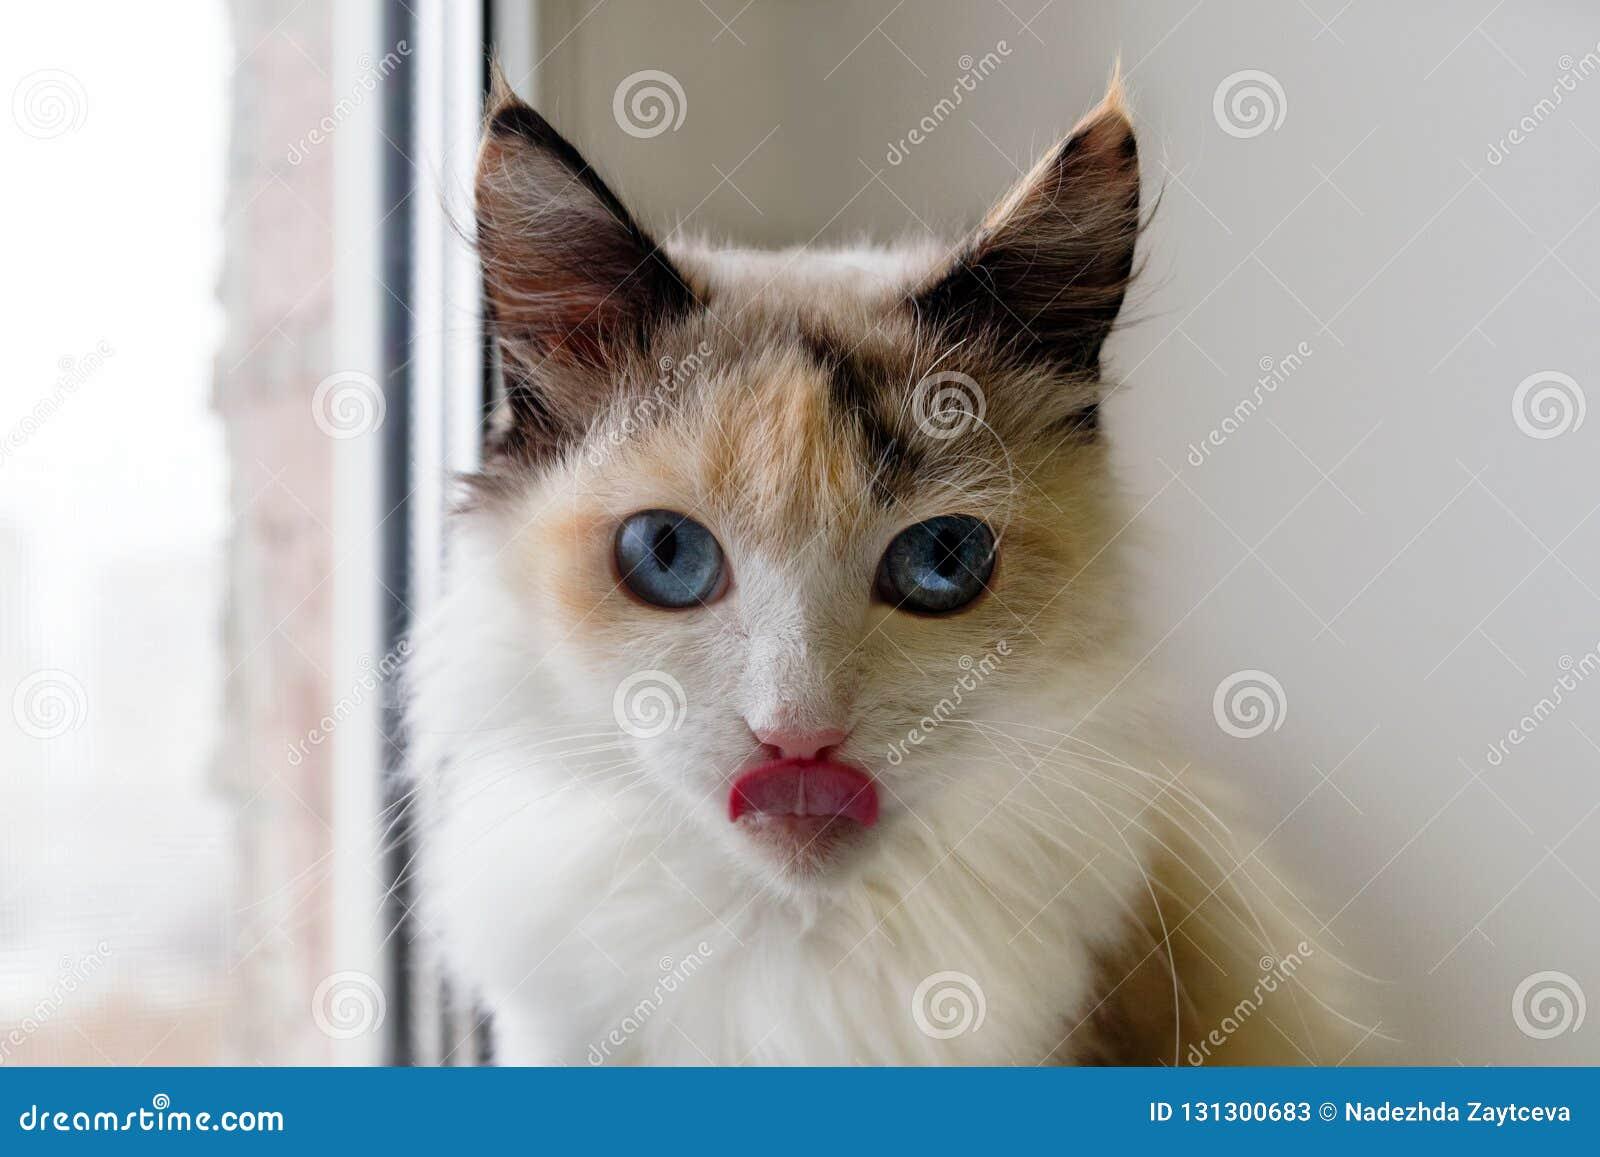 Ritratto del gatto lanuginoso della carapace adorabile con gli occhi azzurri e la lingua fuori attaccata